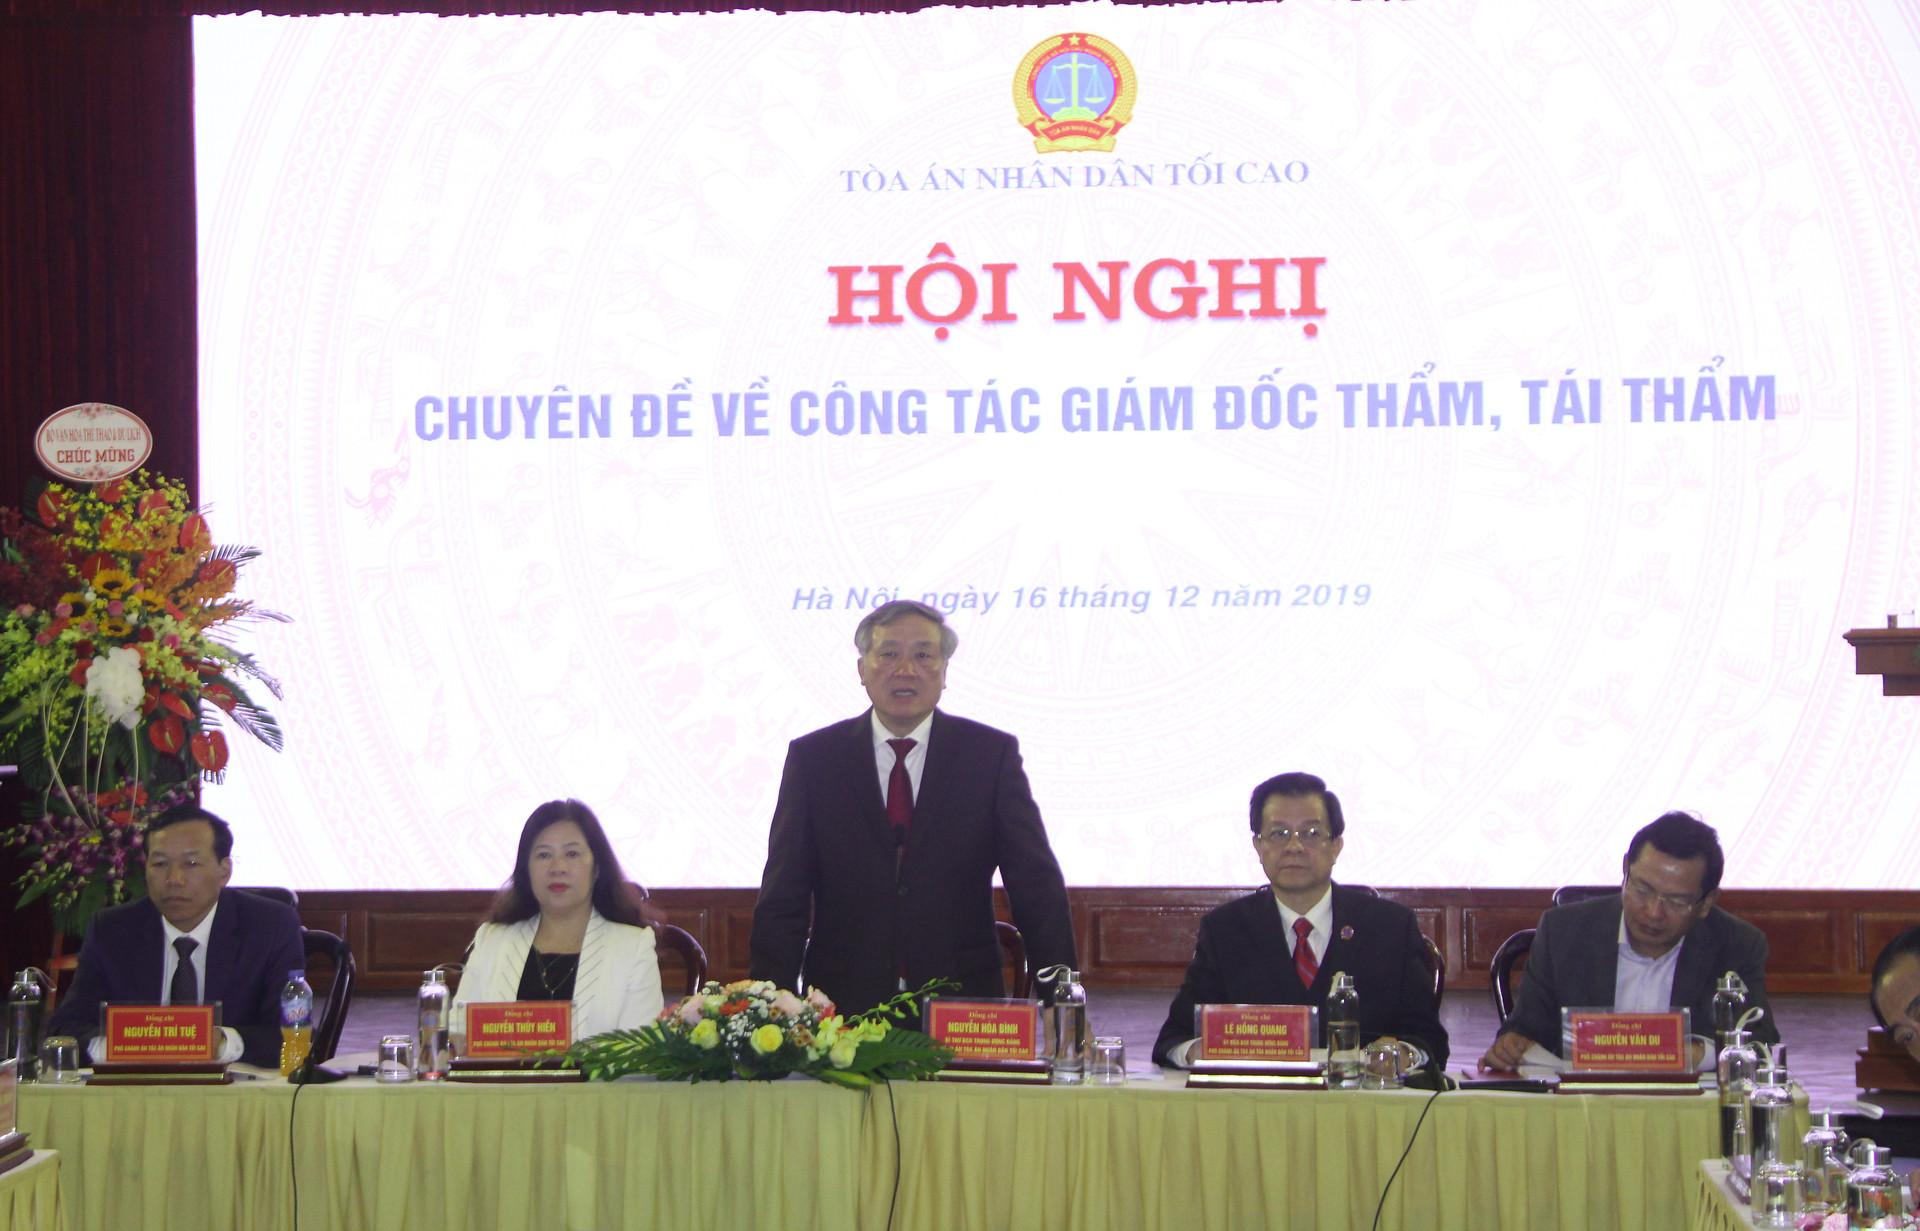 Hội nghị chuyên đề công tác giám đốc thẩm, tái thẩm